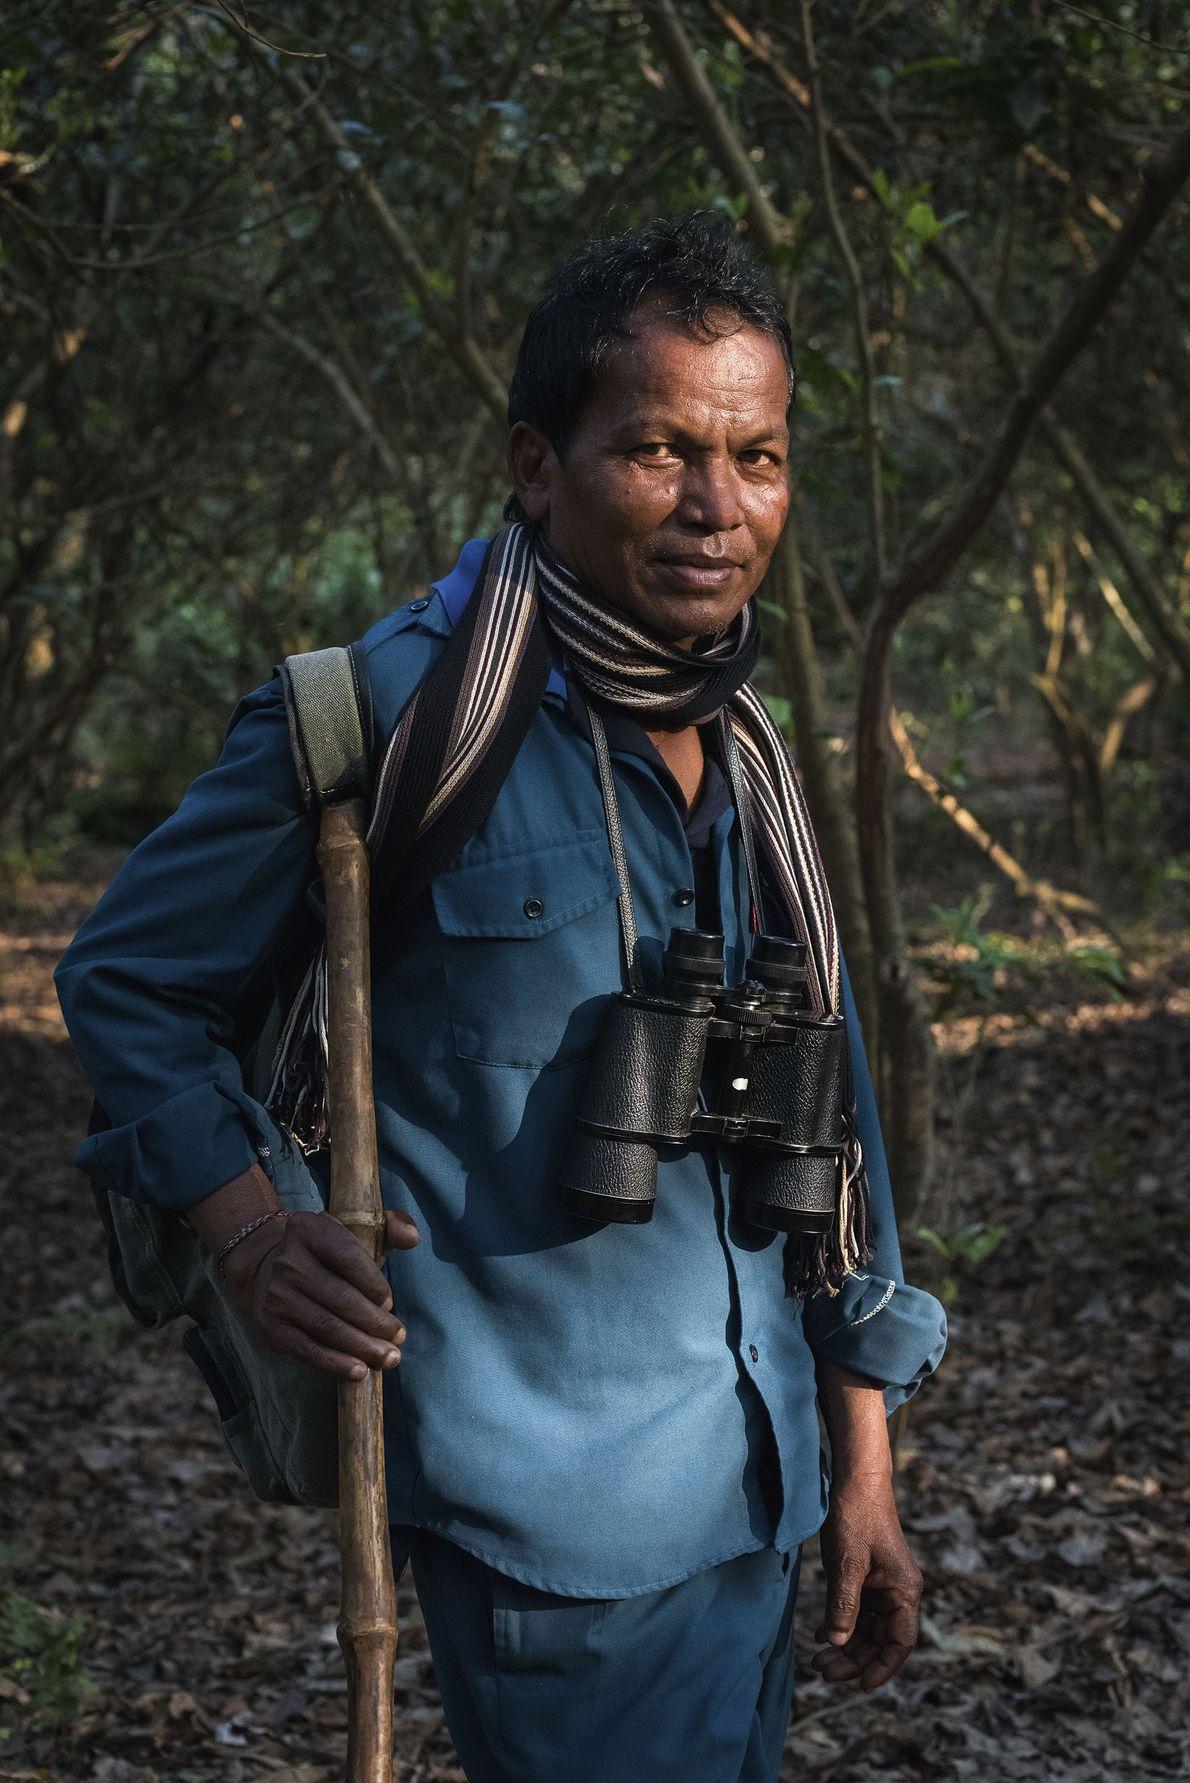 Raj, a guide in Chitwan